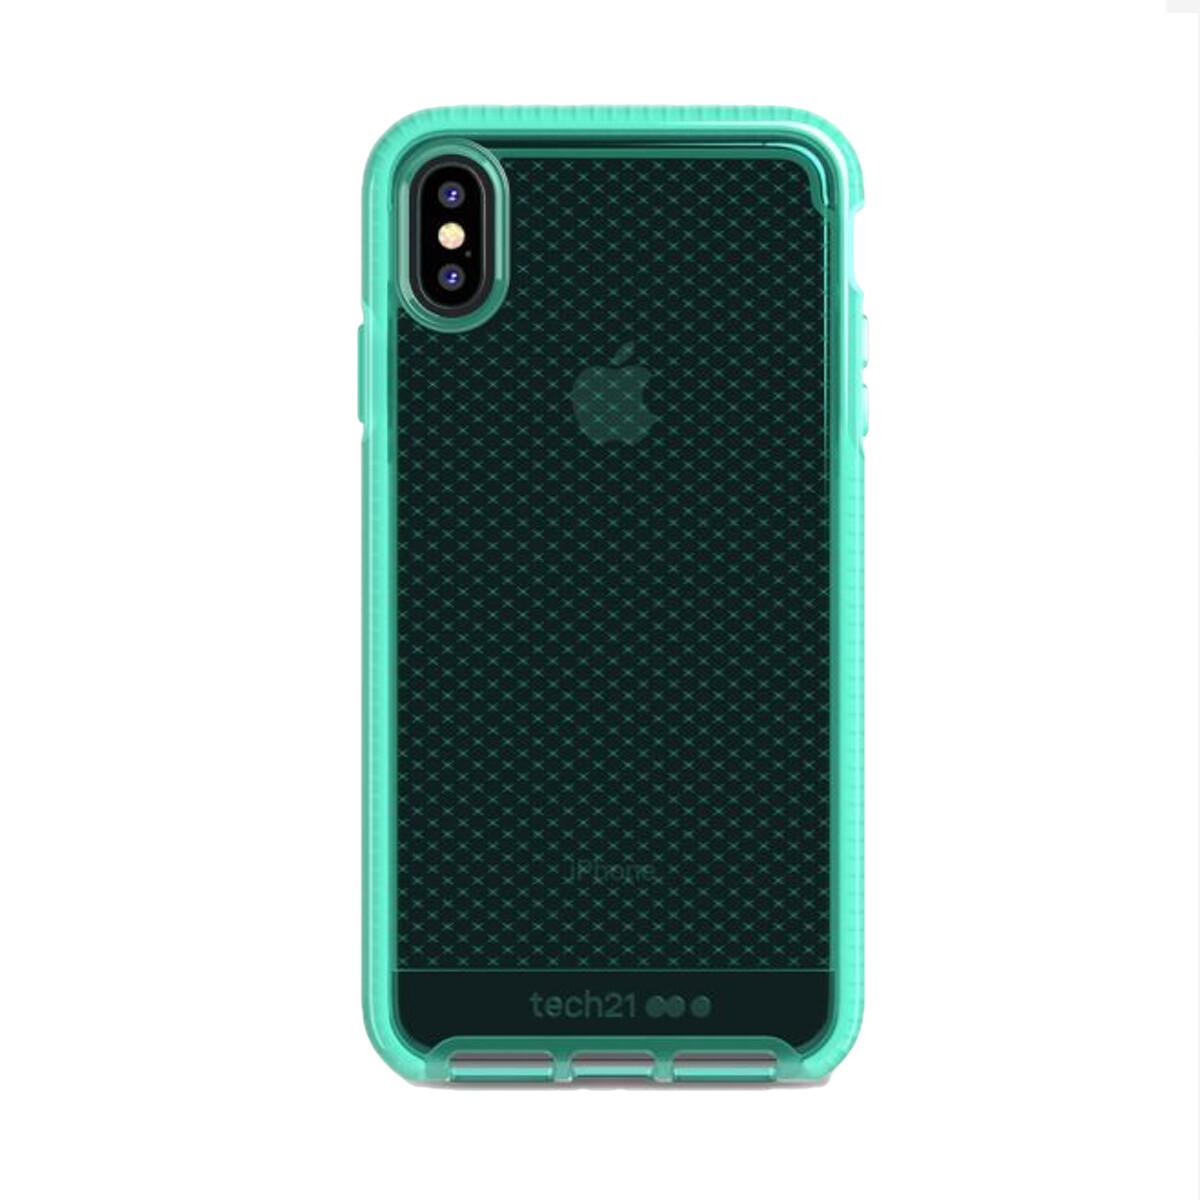 Estuche TECH21 Evocheck  Aqua IPHONE XS MAX (6.5)